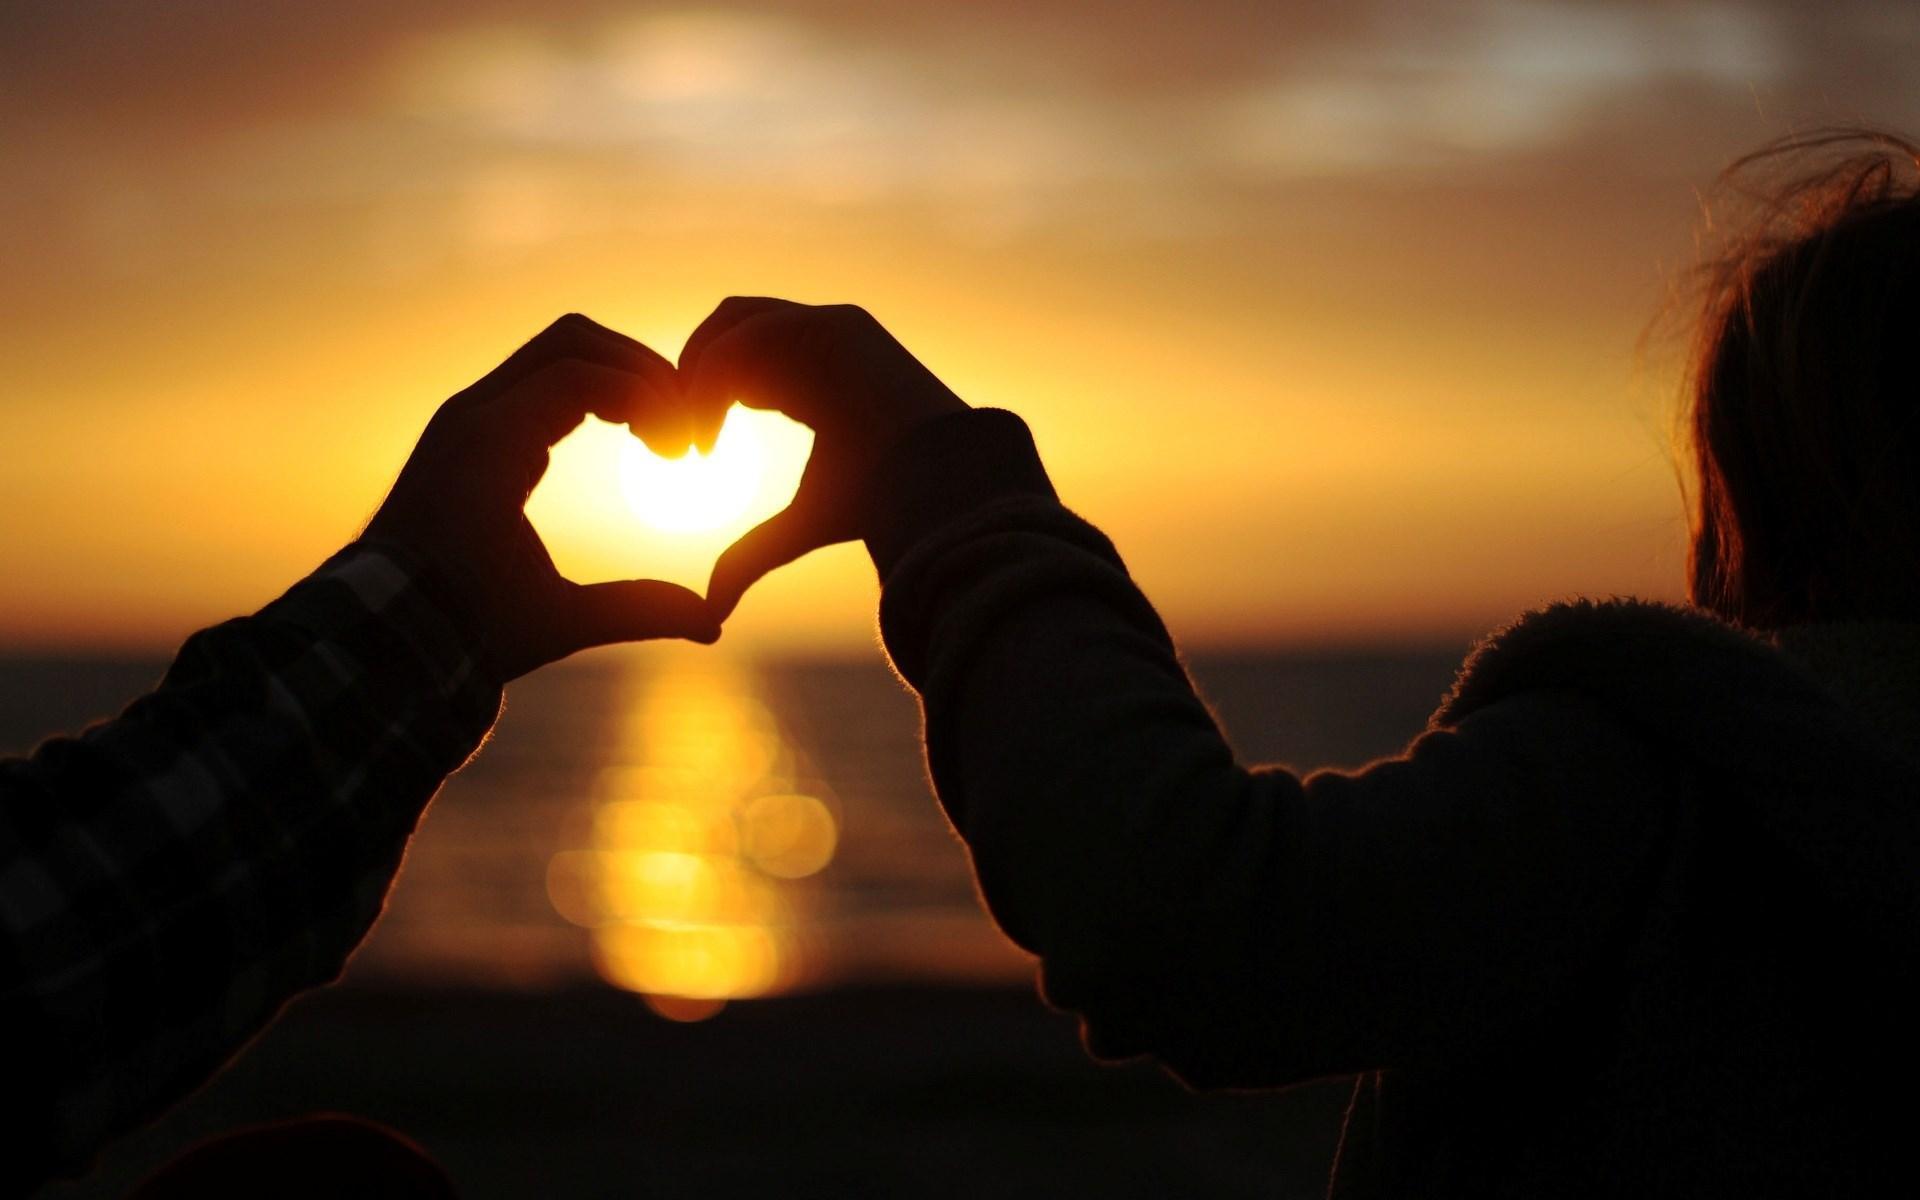 بالصور صور جميلة عن الحب , اجمل الصور والخلفيات 5325 7